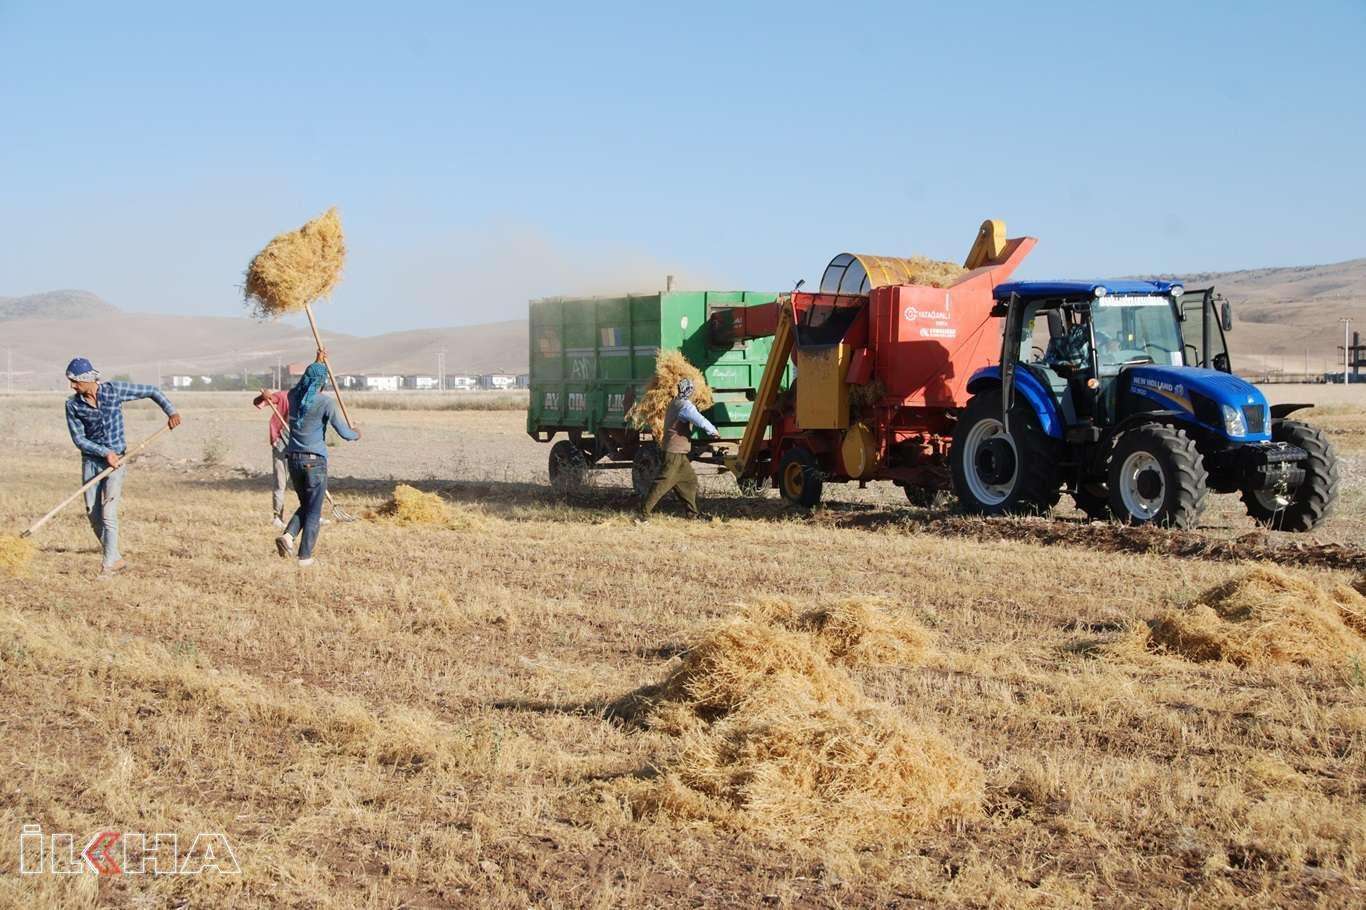 Kuraklığın vurduğu çiftçi: Sulama konusunda destek görmedik